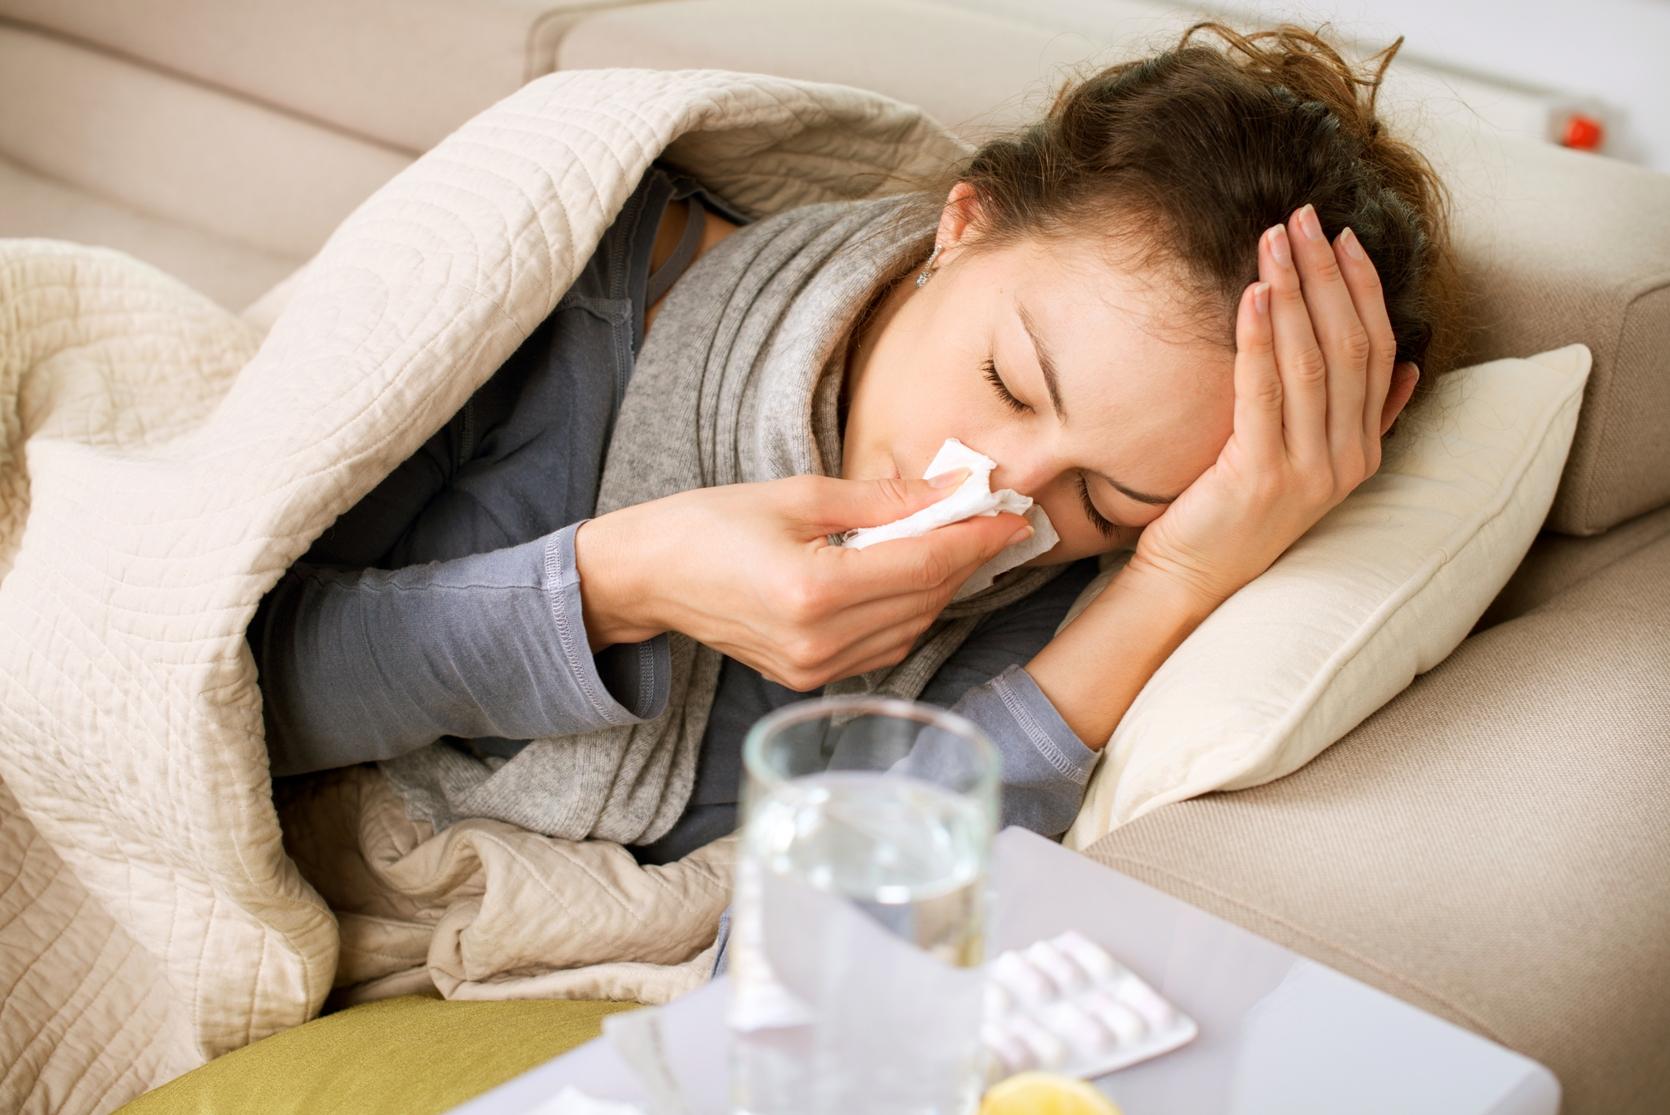 Trà cúc có khả năng kháng khuẩn cũng như tính mát nên rất hiệu quả trong việc giải cảm.